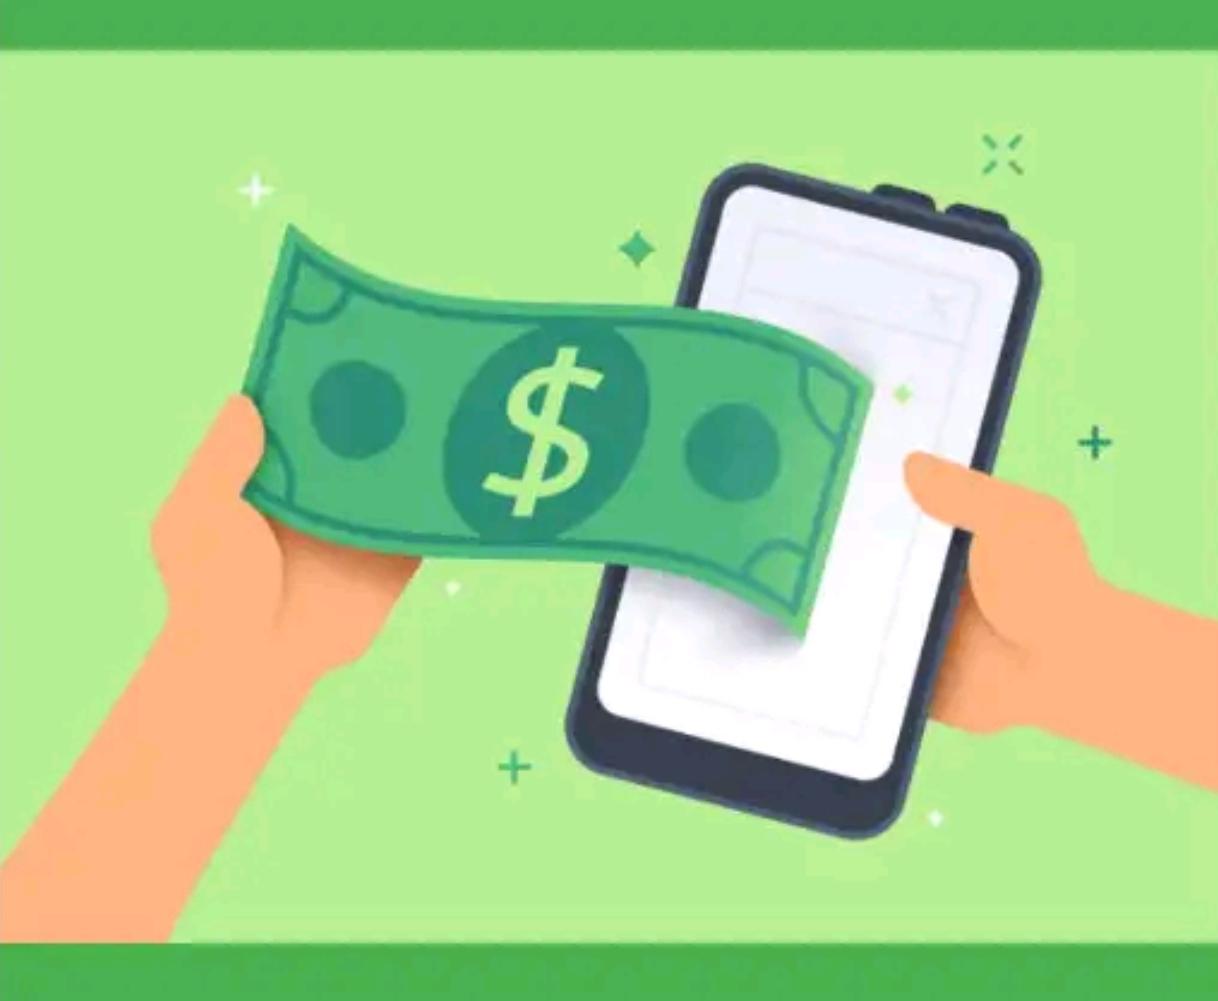 U Cash Loan App